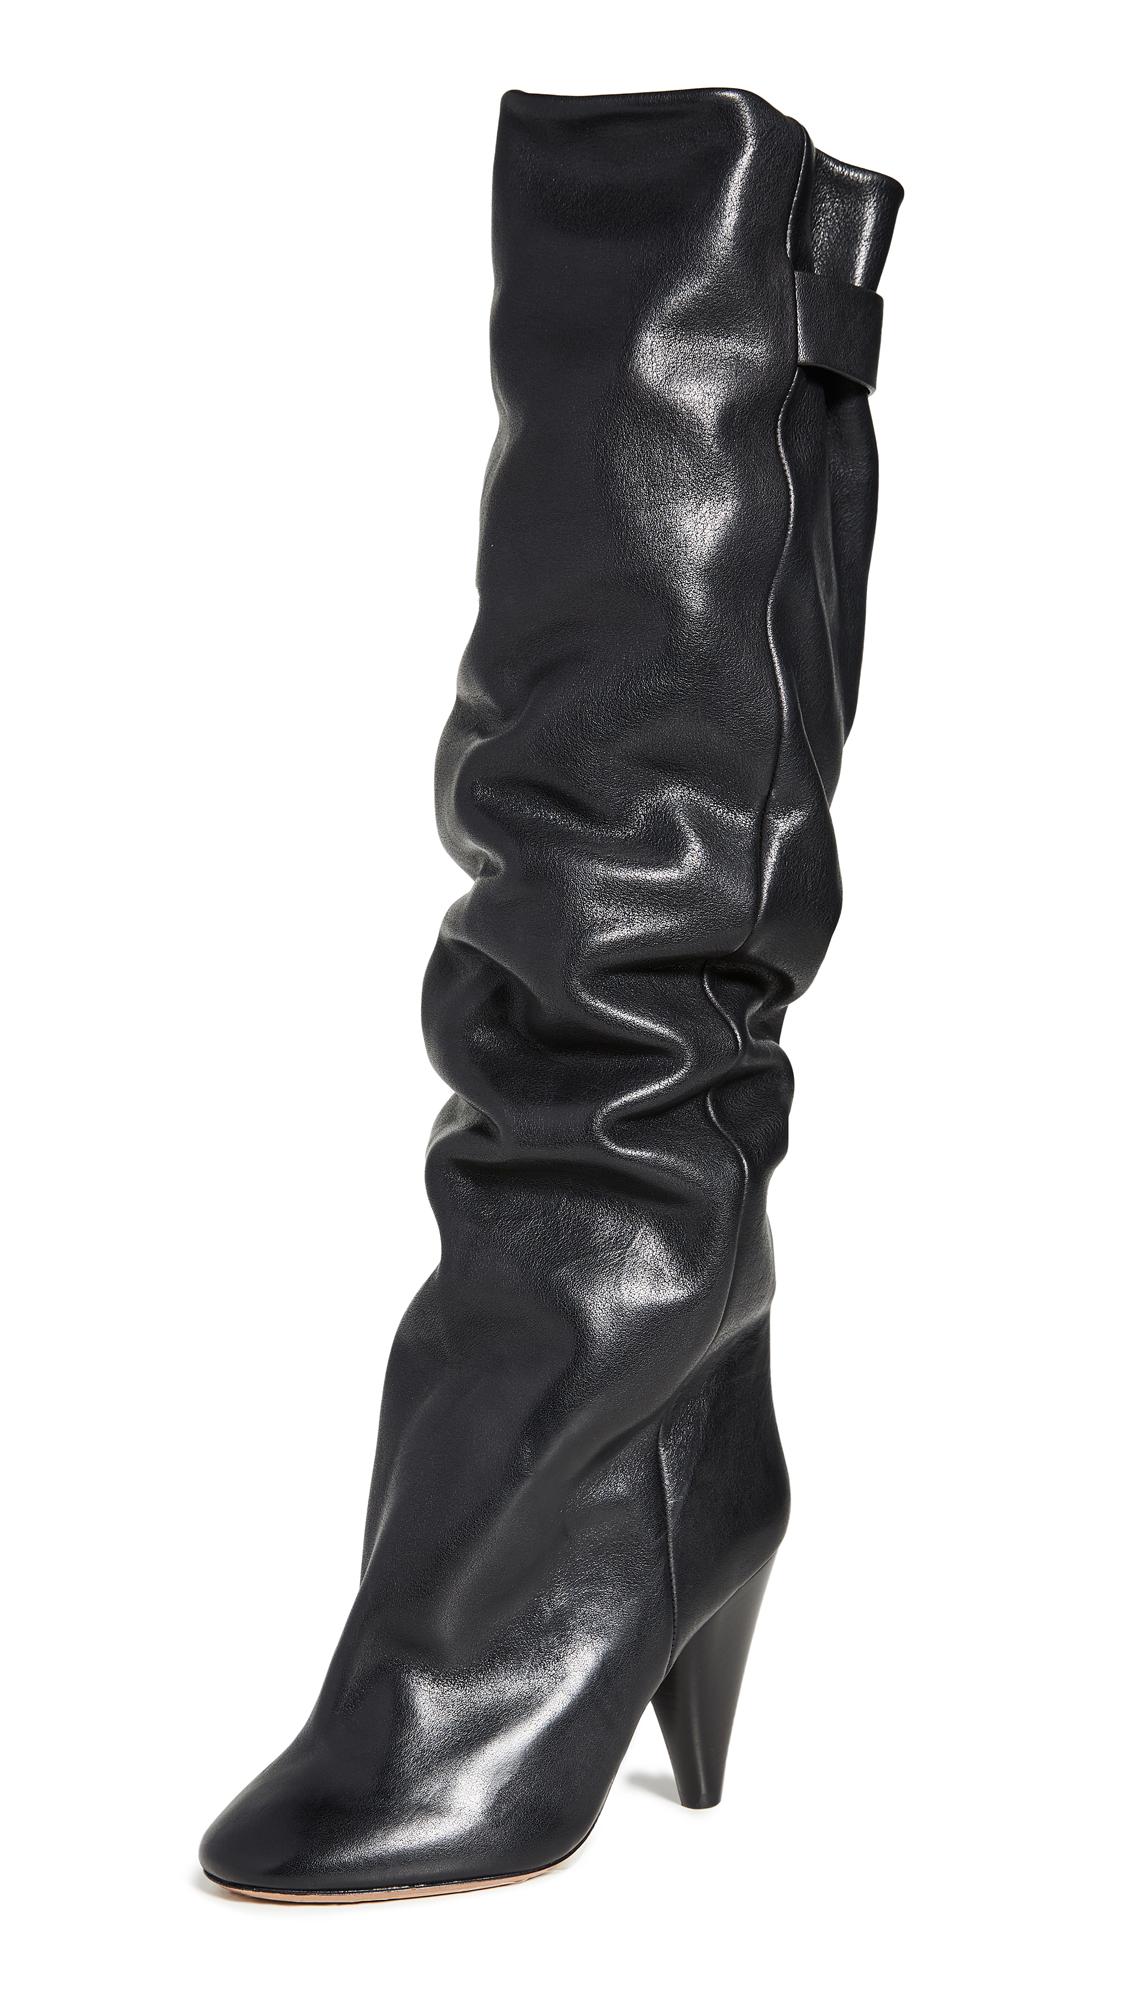 Isabel Marant Lacine Wrinkled Boots - 70% Off Sale